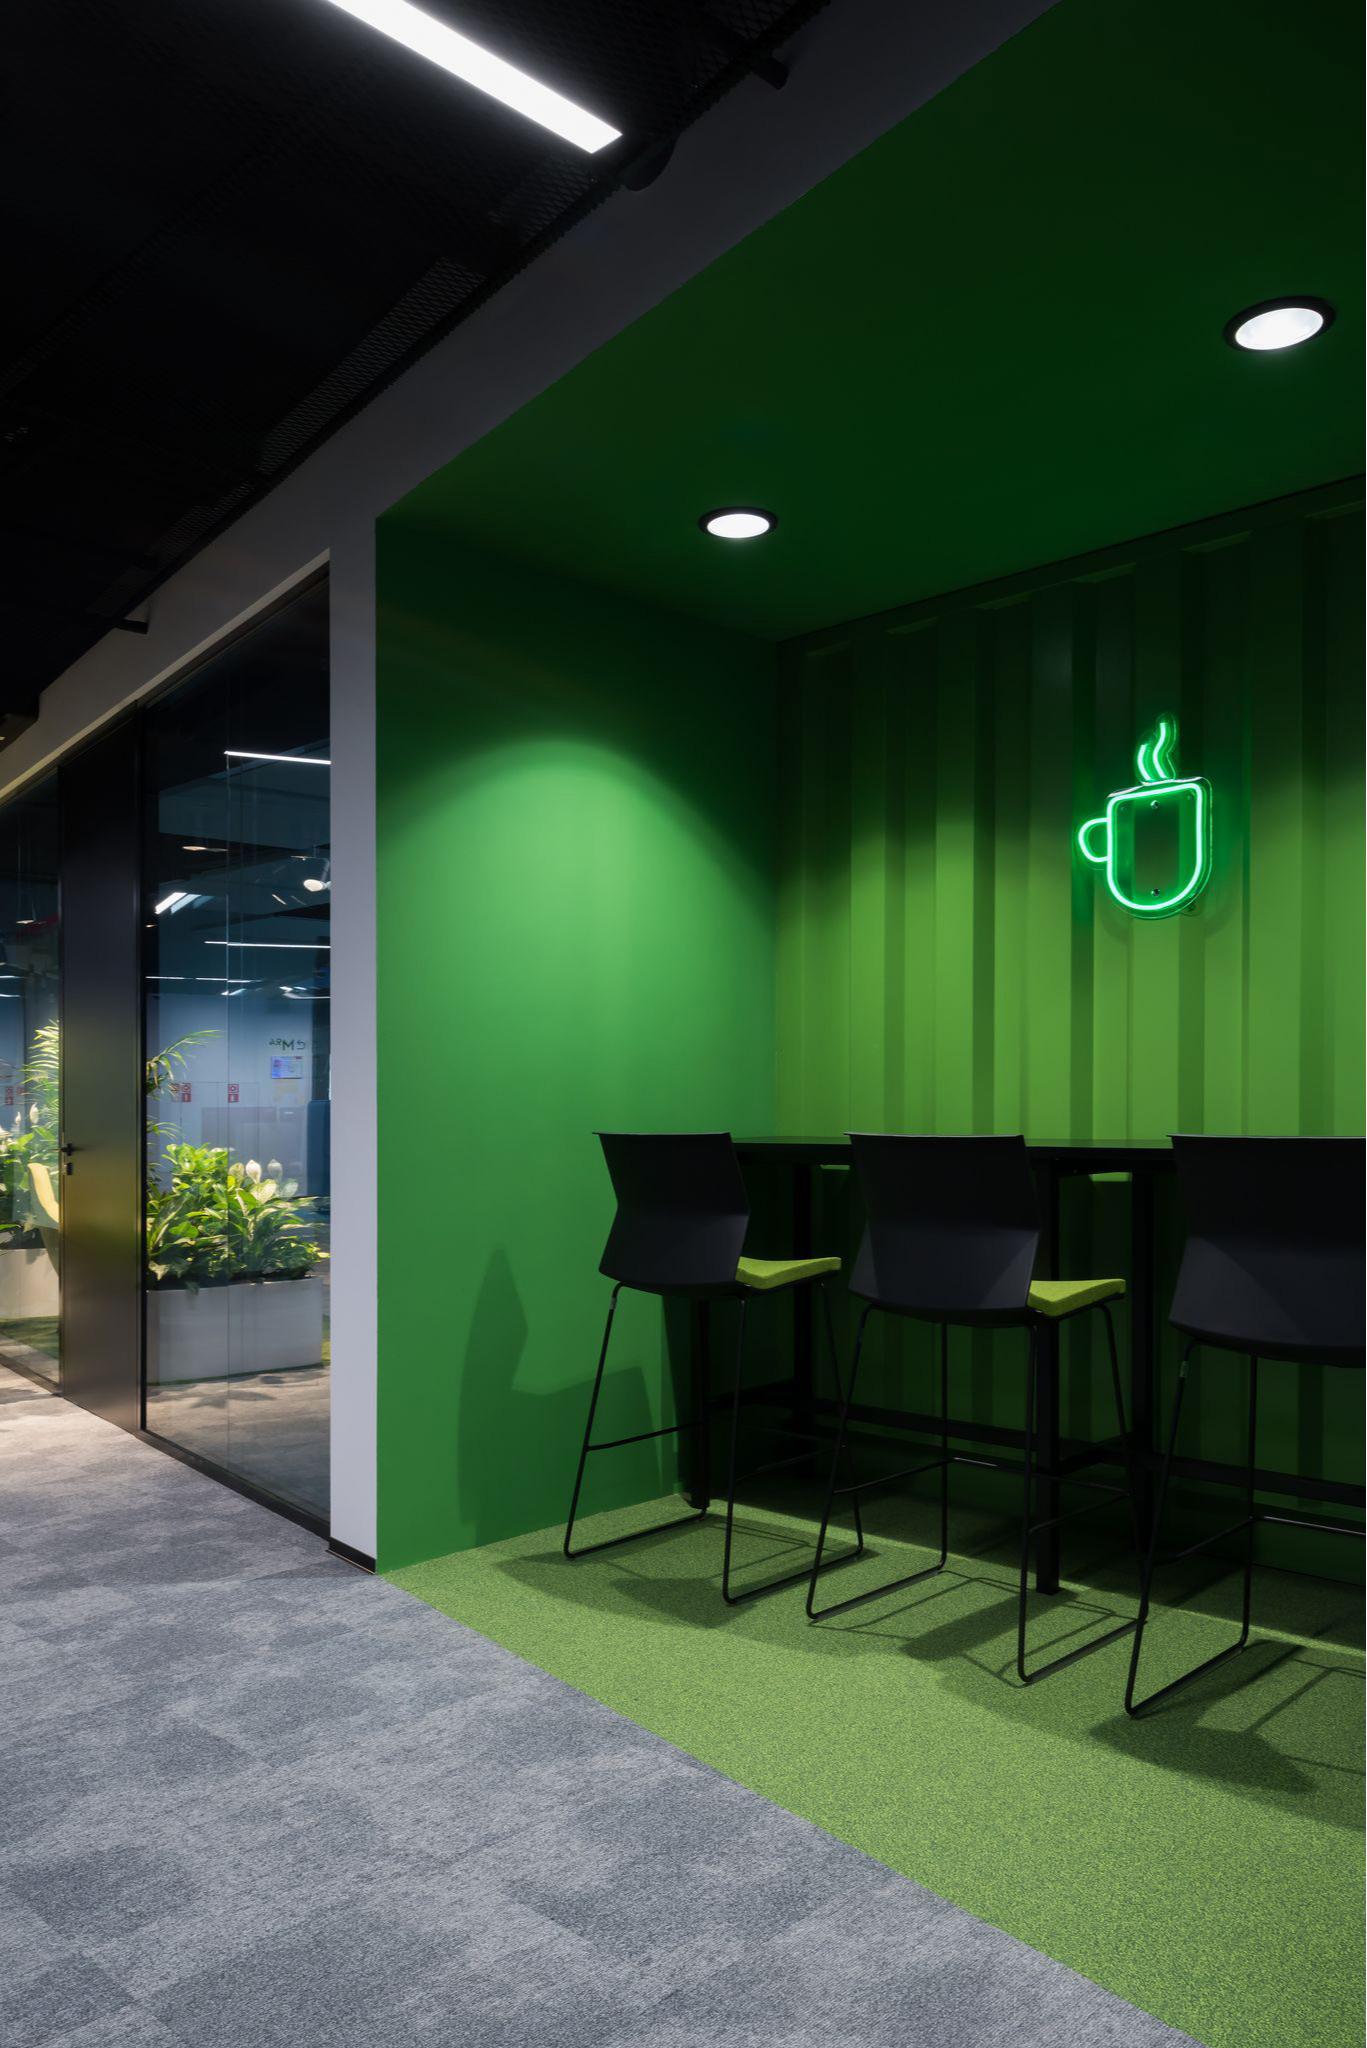 Зона неформального общения для уединенной работы или кофе-брейка выполненная в зеленом цвете. На стене установлена неоновая вывеска в виде кружки.